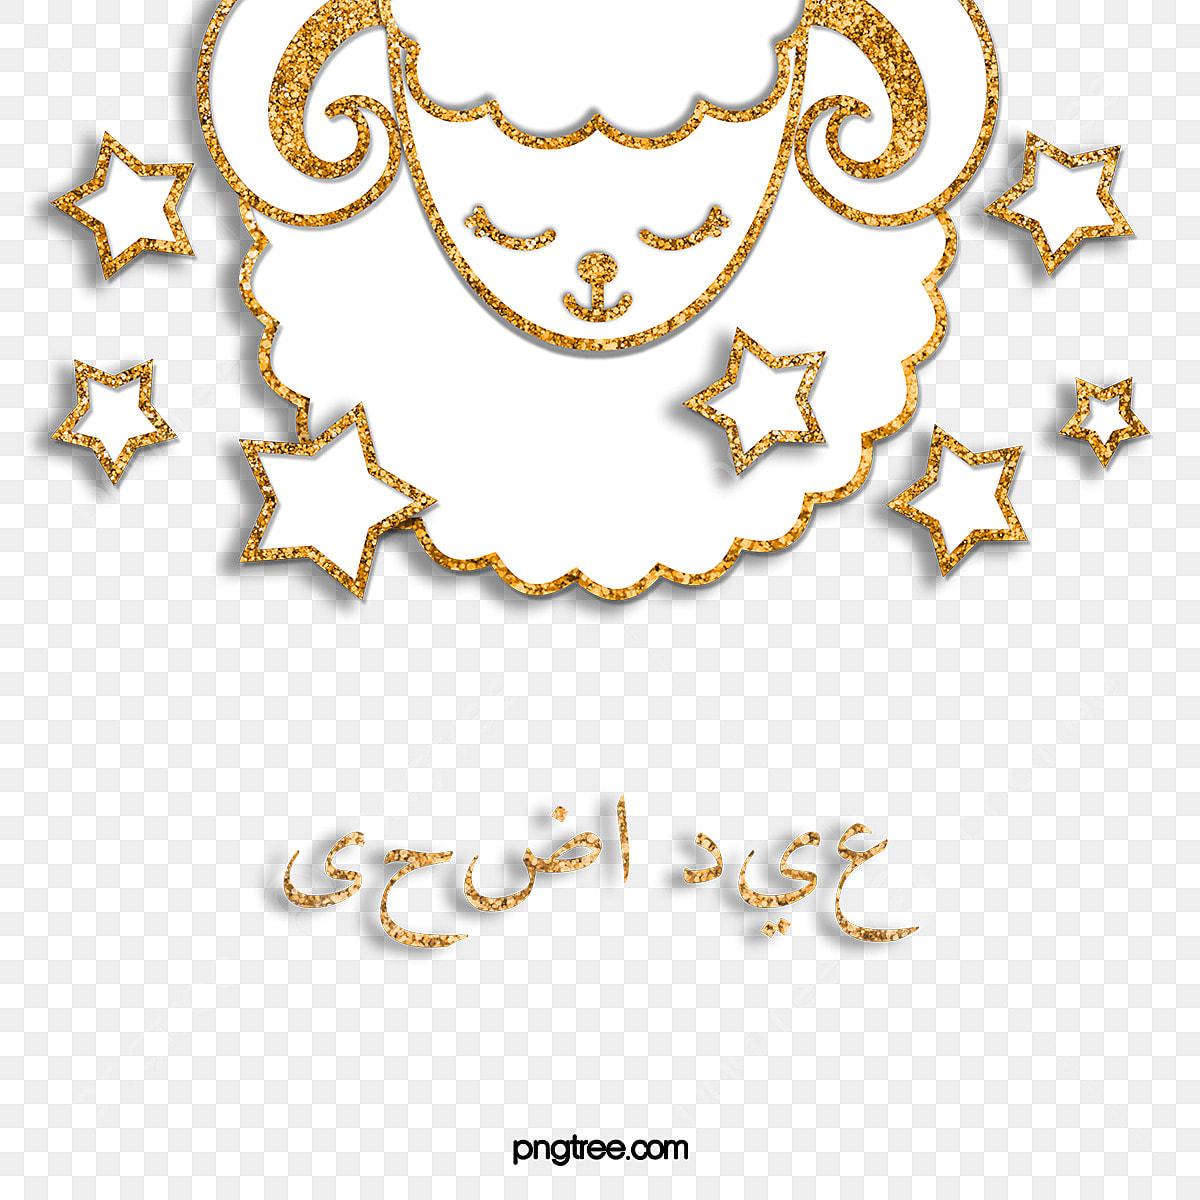 زينة الأغنام الرائعة لعيد الأضحى خروف عيد الأضحى دين Png وملف Psd للتحميل مجانا